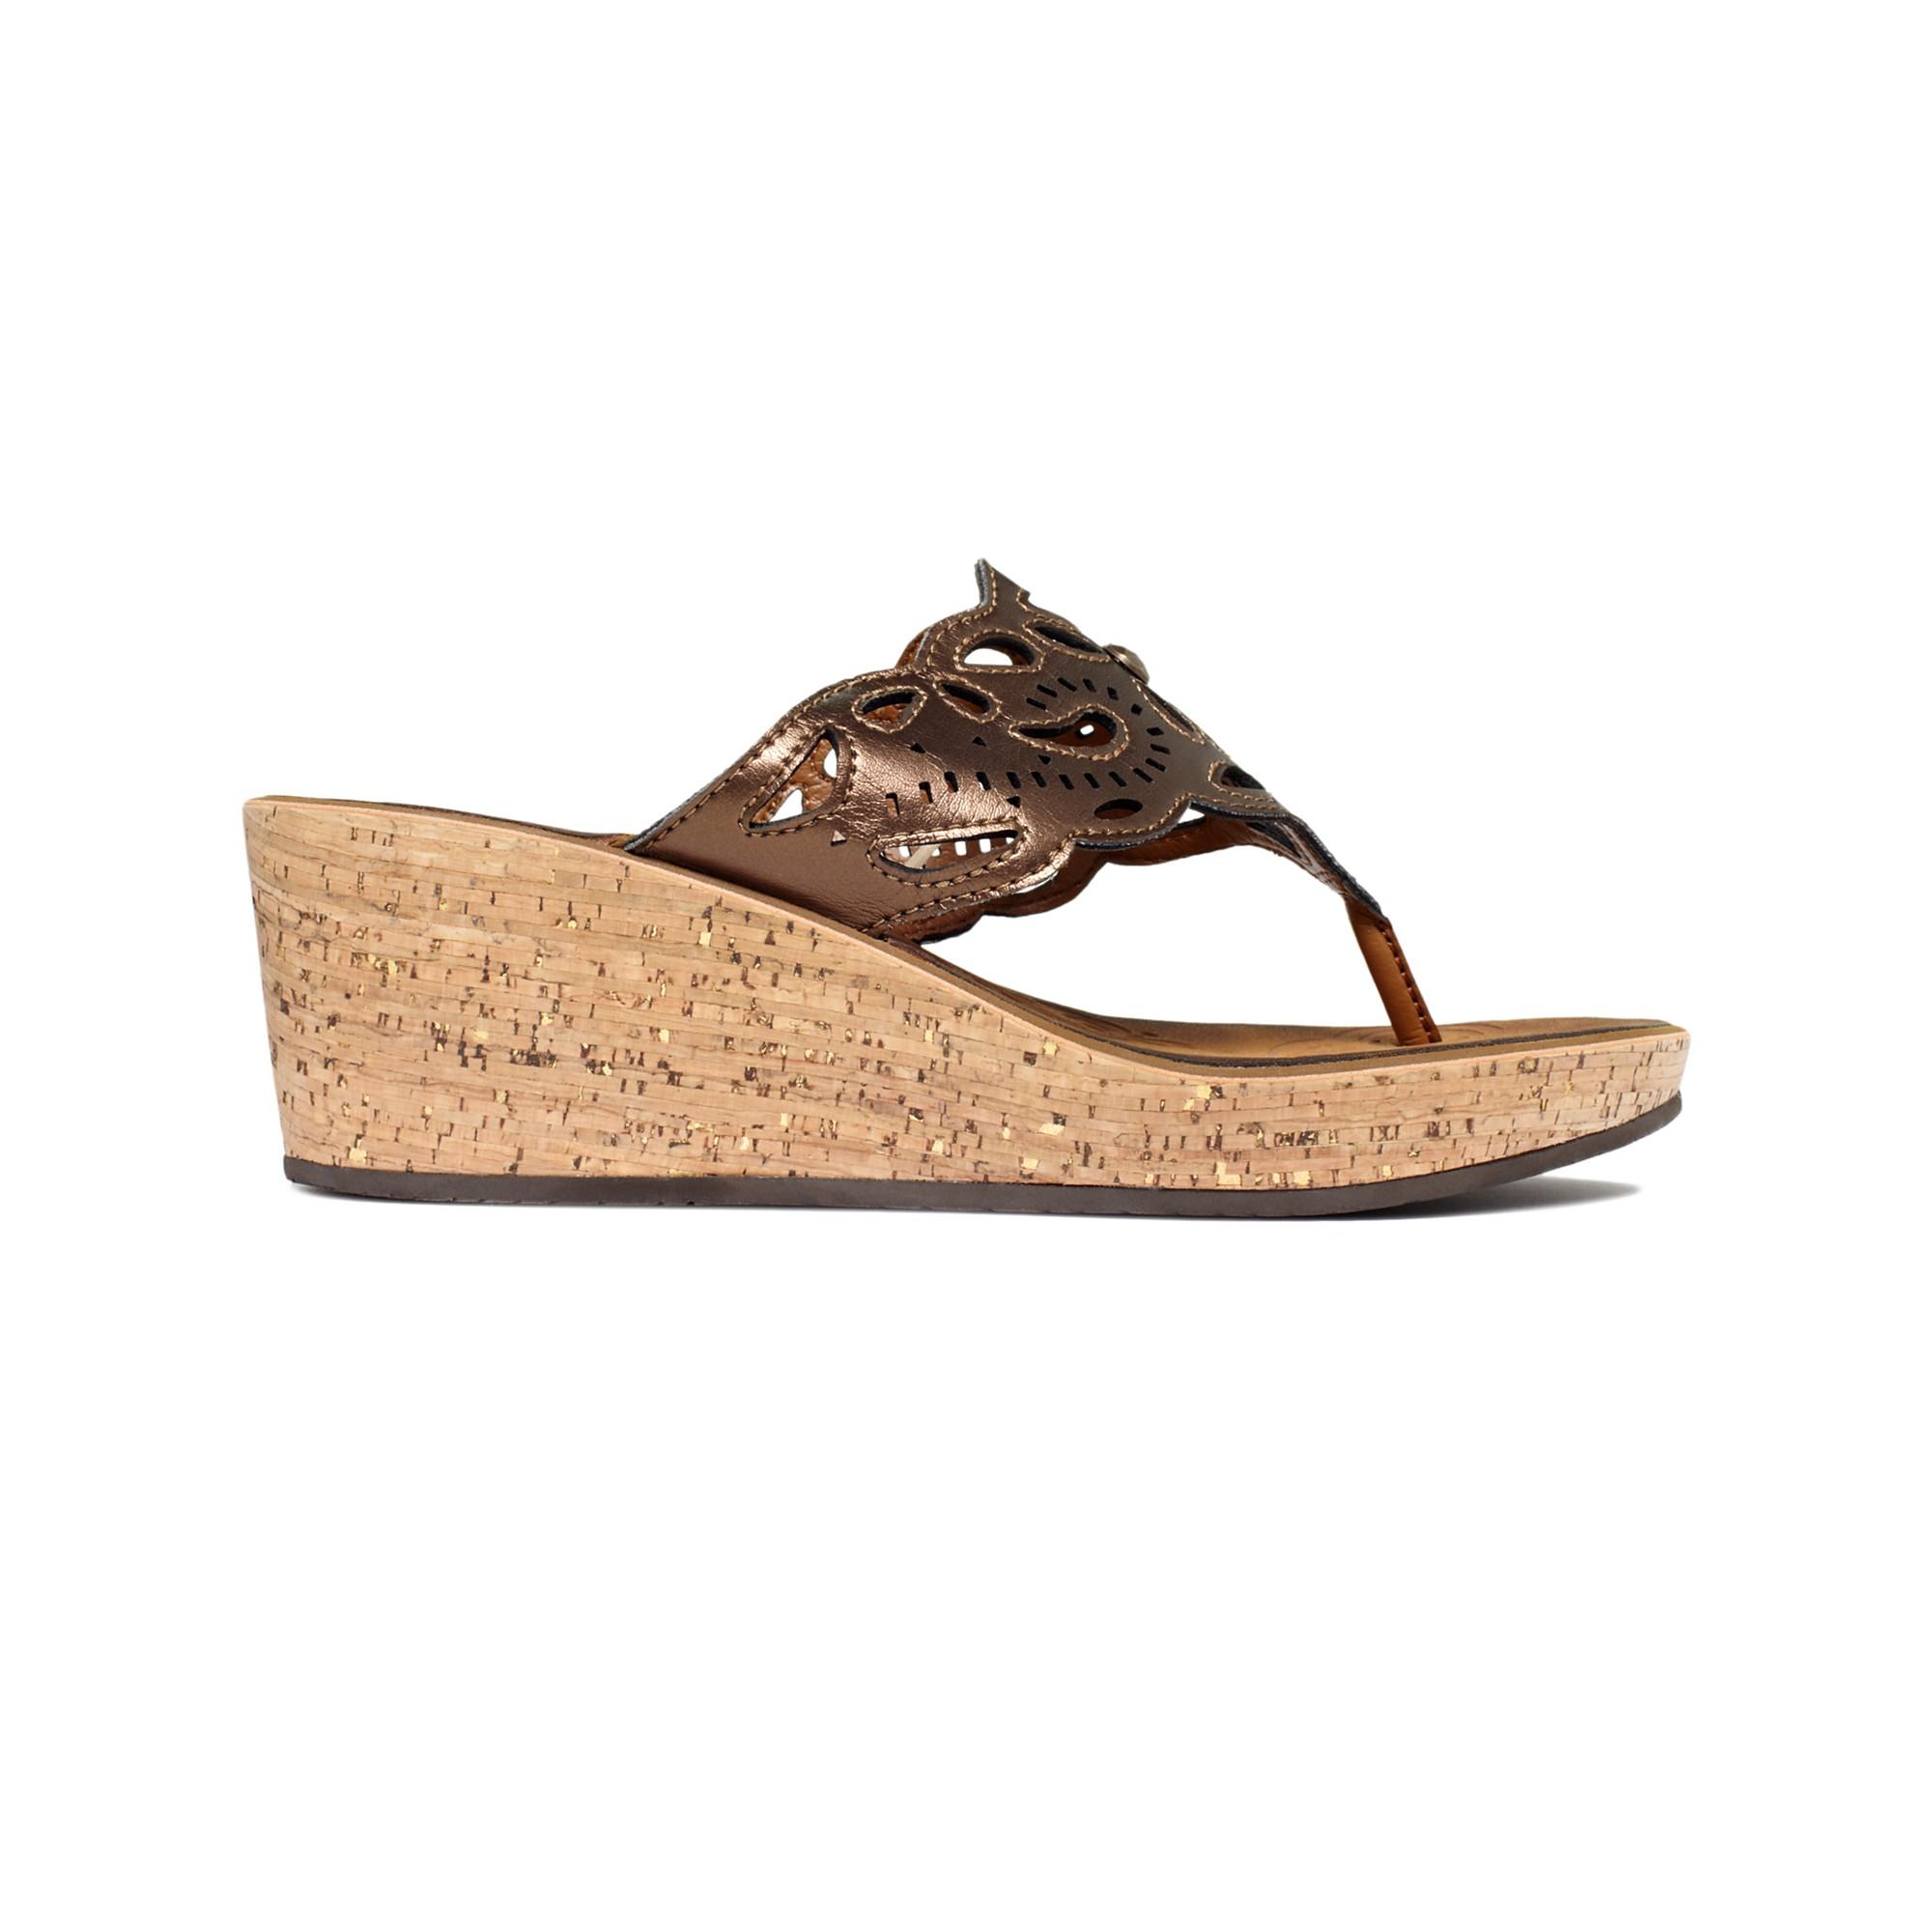 clarks mimmey platform wedge sandals in brown